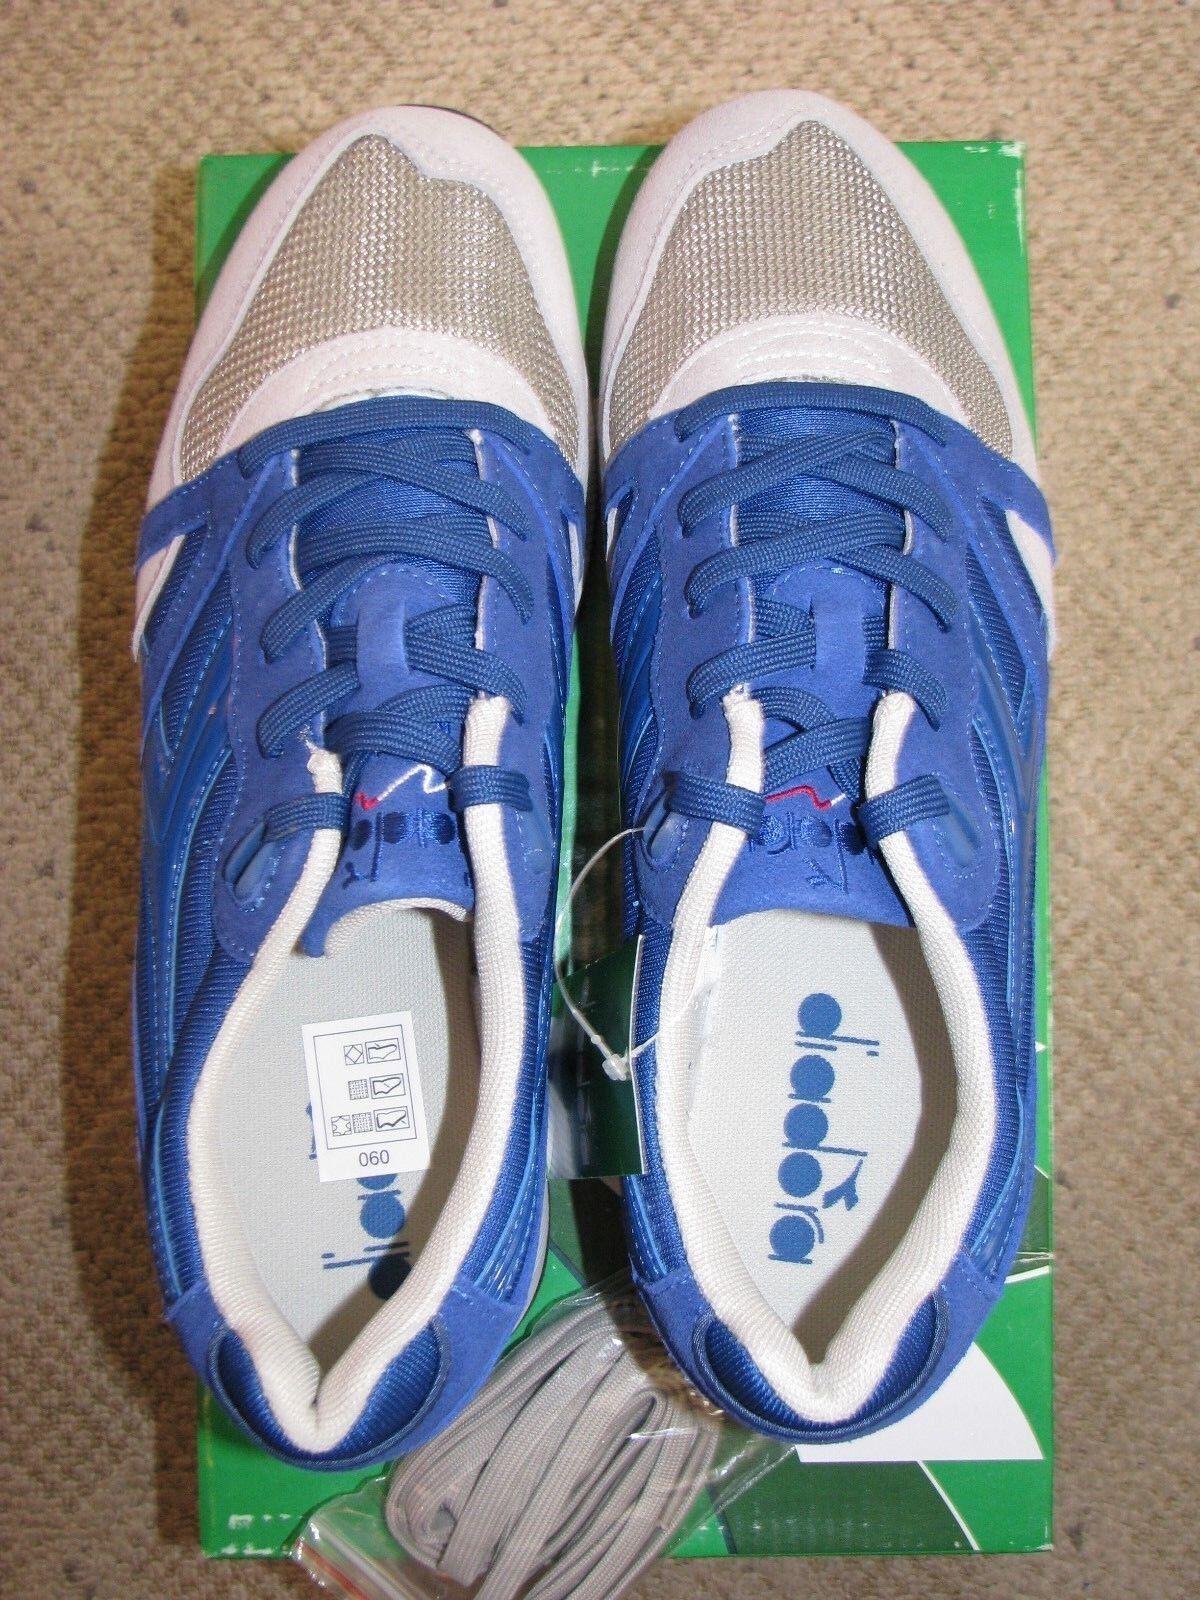 Diadora N9000 NYL OG OG OG blu   grigio Alaska Uomo Dimensione 9.5 DS NEW  160827-01 C5748 7e8ede